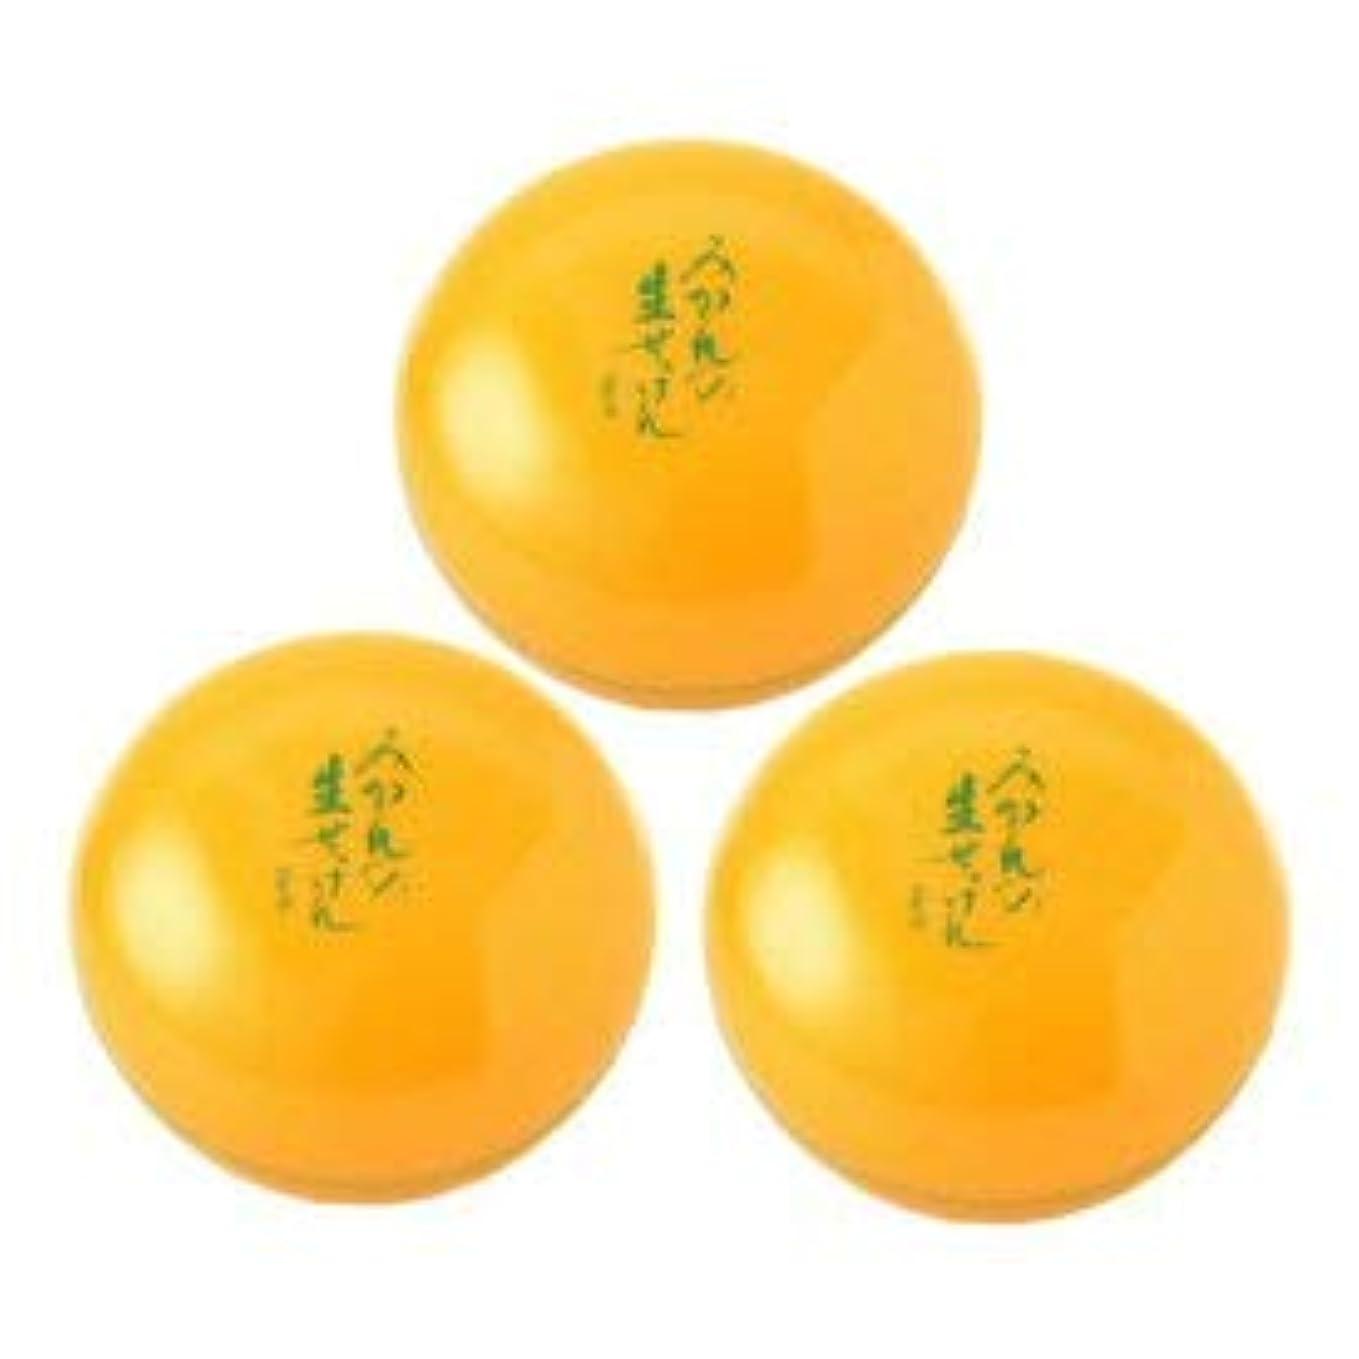 債権者四分円オプションUYEKI美香柑みかんの生せっけん50g×3個セット